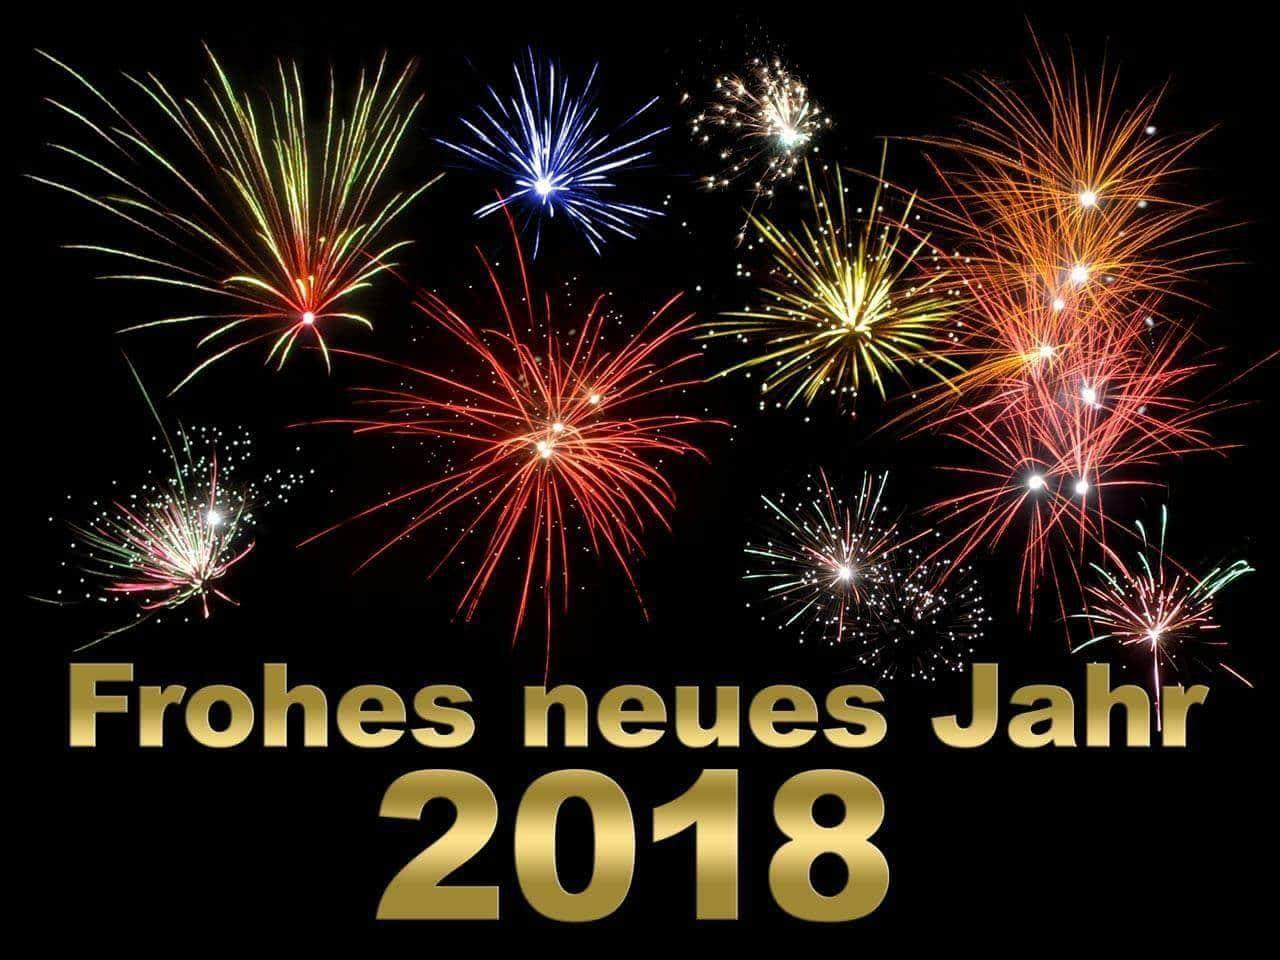 Frohes Neues Jahr 2018 - Feuerwehr Fohrde